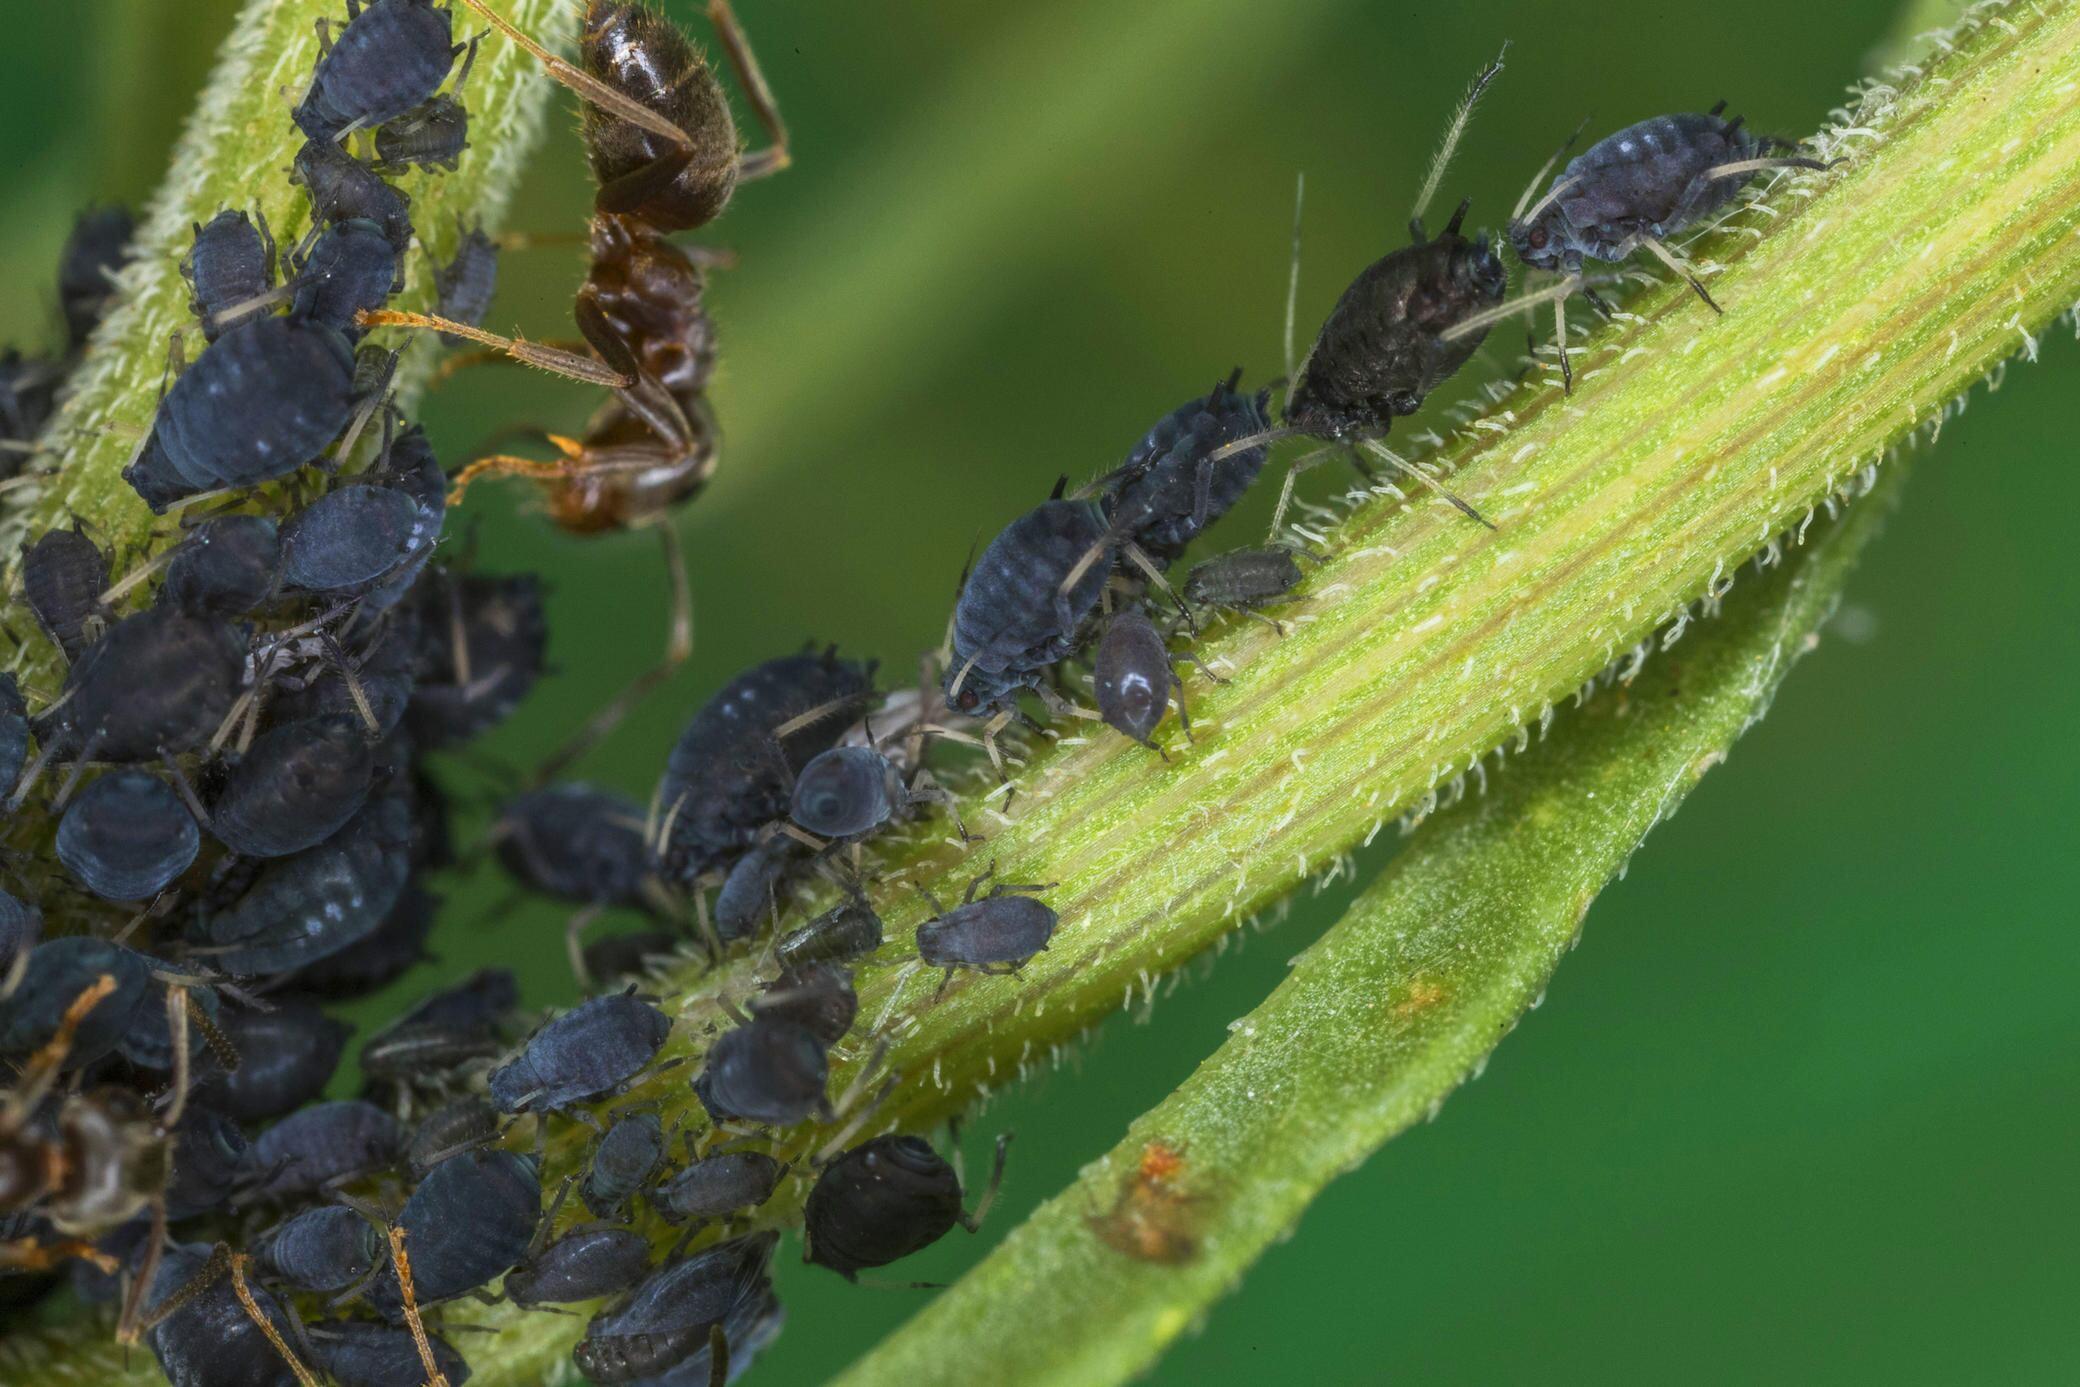 Mit diesen Insekten bekämpfen Sie Blattläuse gezielt und effektiv